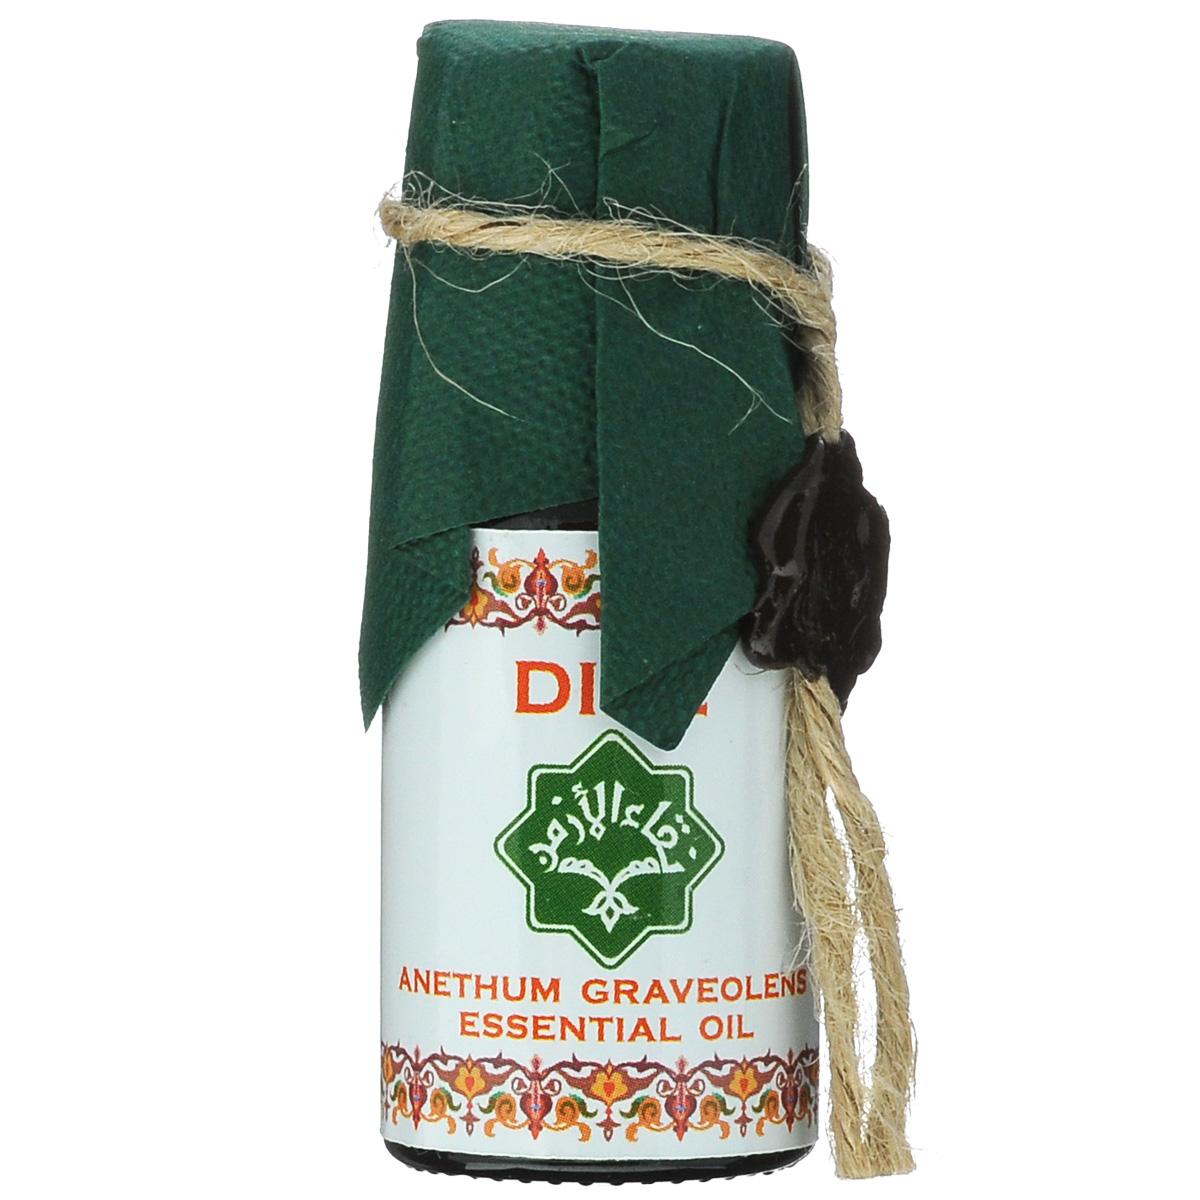 Зейтун Эфирное масло Укроп, 10 млZ3654Абсолютно чистое, 100% натуральное эфирное масло Укропа, произведенное в соответствии со стандартом европейской фармакопеи; по своим качествам и свойствам значительно превосходит дешевые аналоги. Масло укропа является мощным успокаивающим, снотворным и противовоспалительным средством. Оно улучшает пищеварение и работу сердца, понижает давление, лечит кожные заболевания, избавляет от головных болей, болей в животе, запоров, неврозов и многих других недугов. Используется для облегчения при родах, рекомендуется женщинам с нарушениями менструального цикла, а у кормящих мам вызывает увеличение притока молока. Также эфирное масло укропа с успехом можно использовать для снижения веса, добавляя в массажное масло.